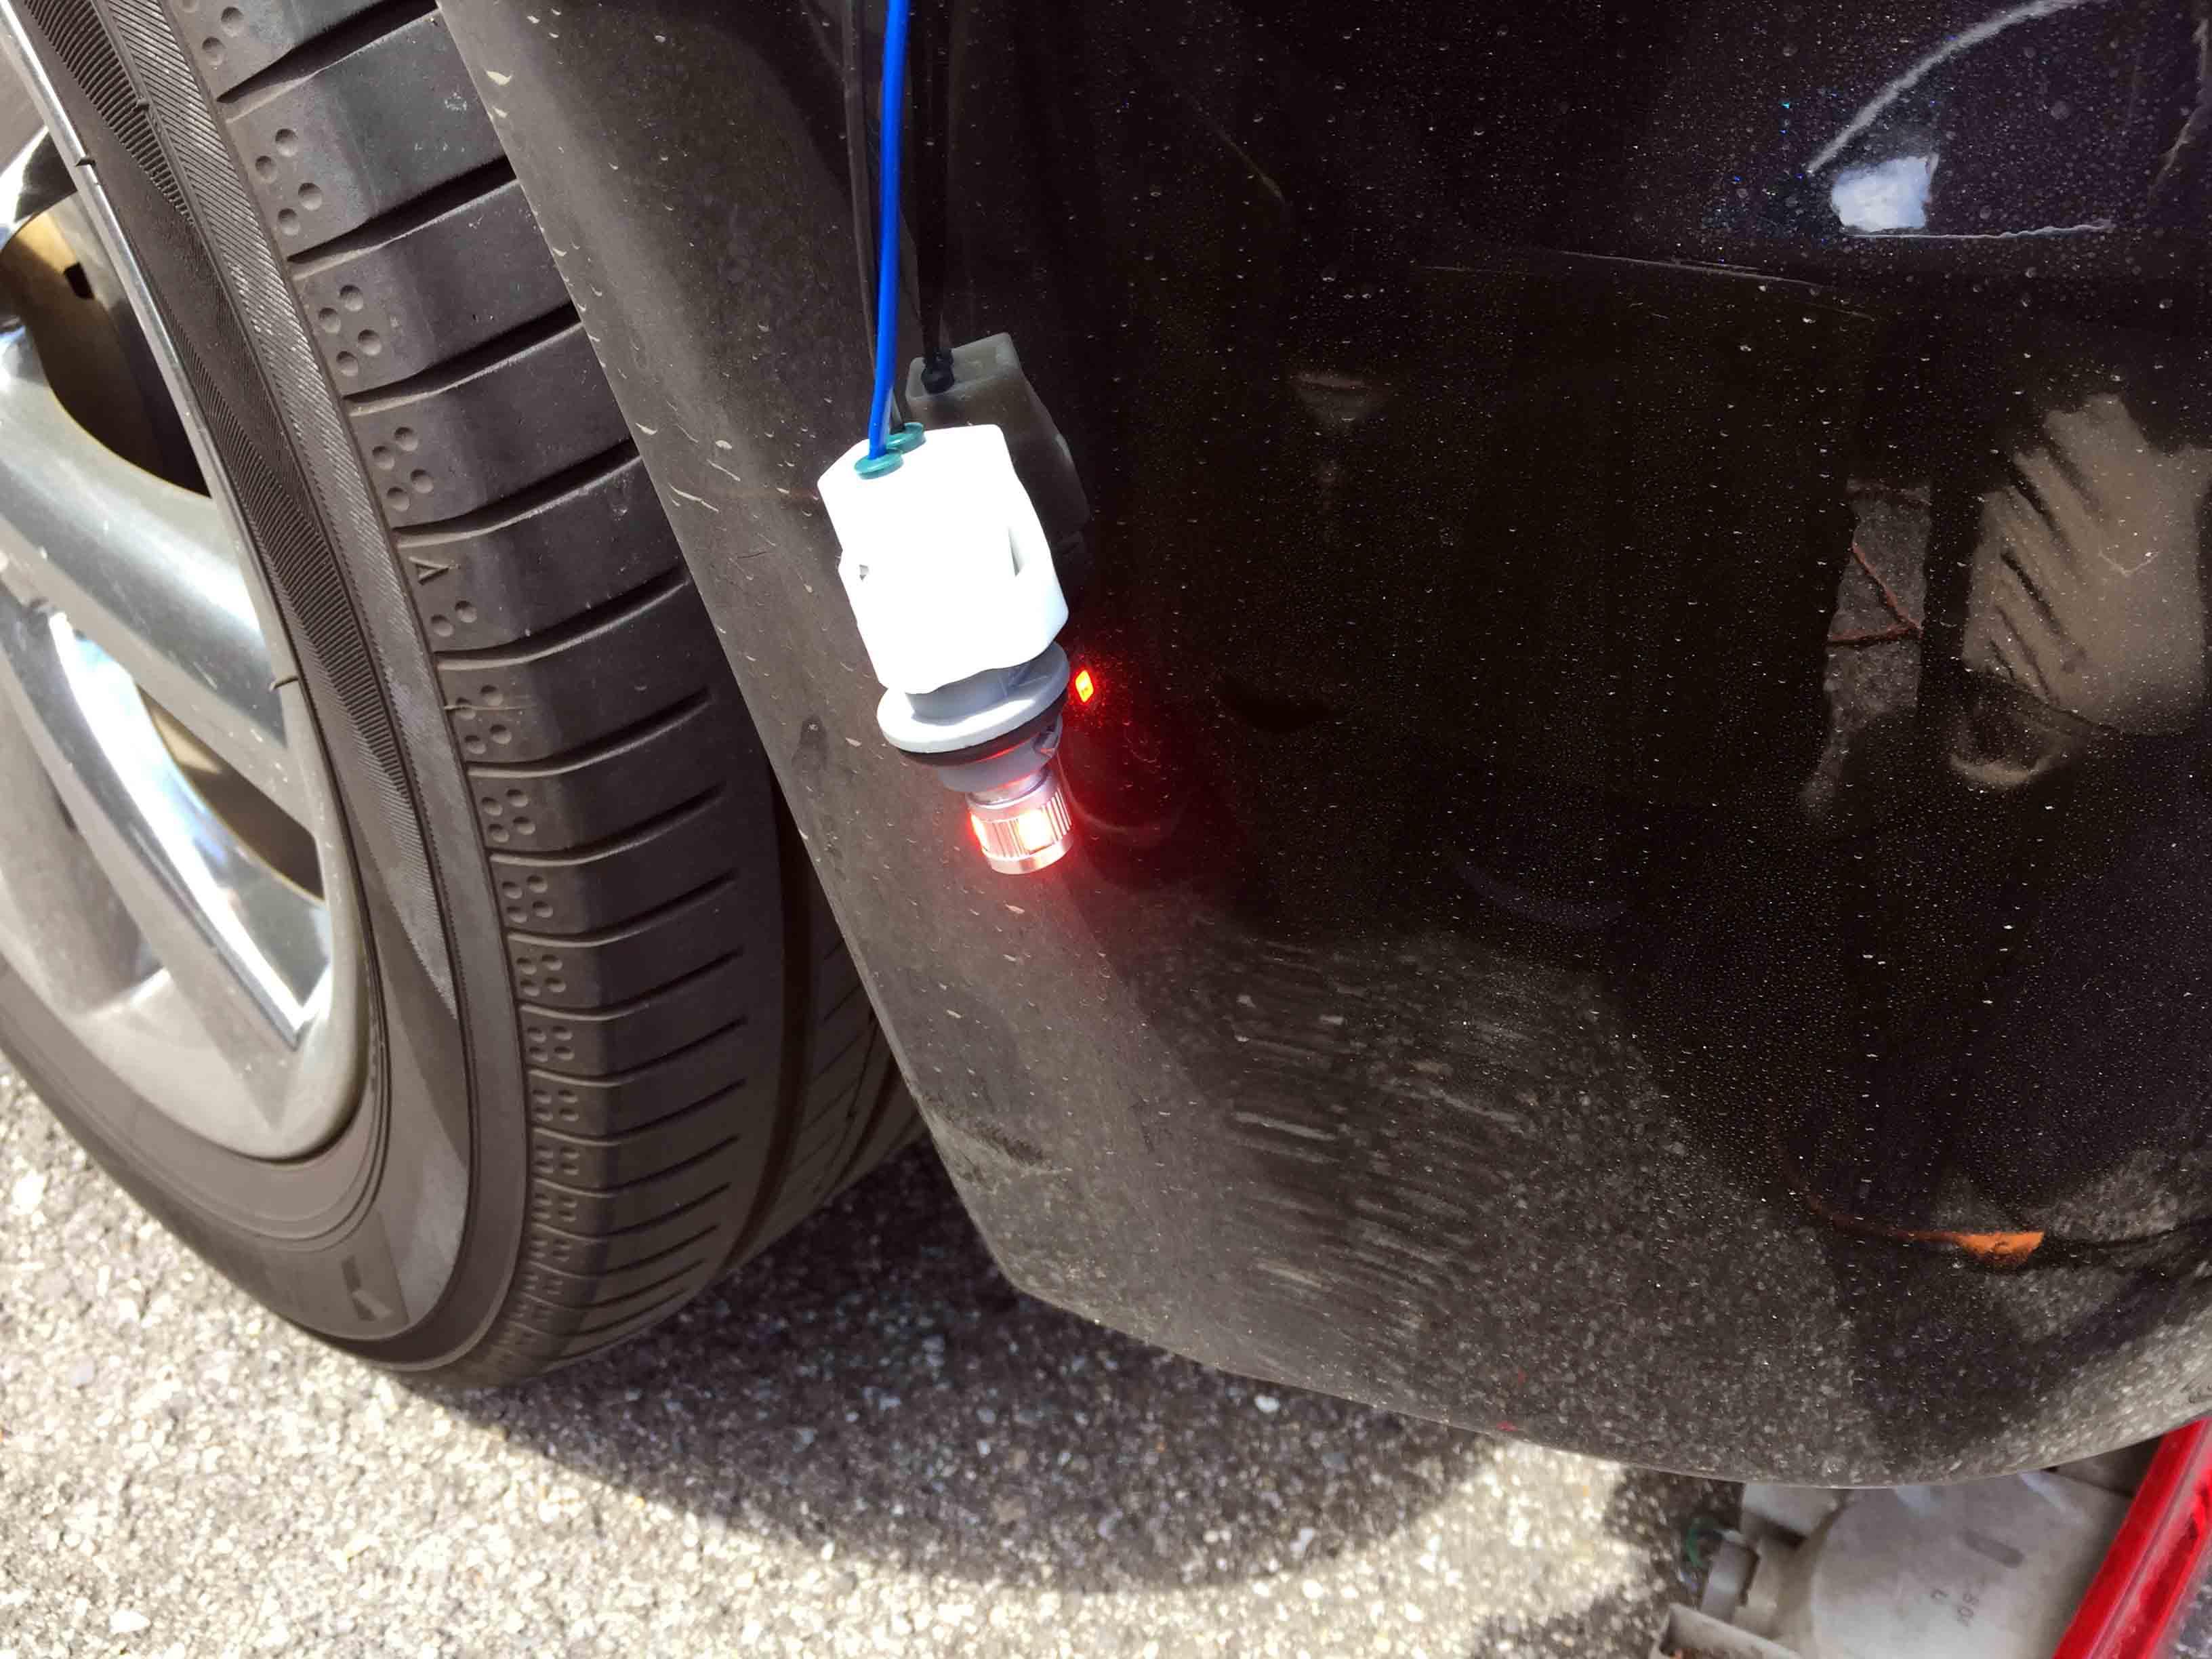 日産Z12キューブへサイドマーカー配線接続し点灯チェック